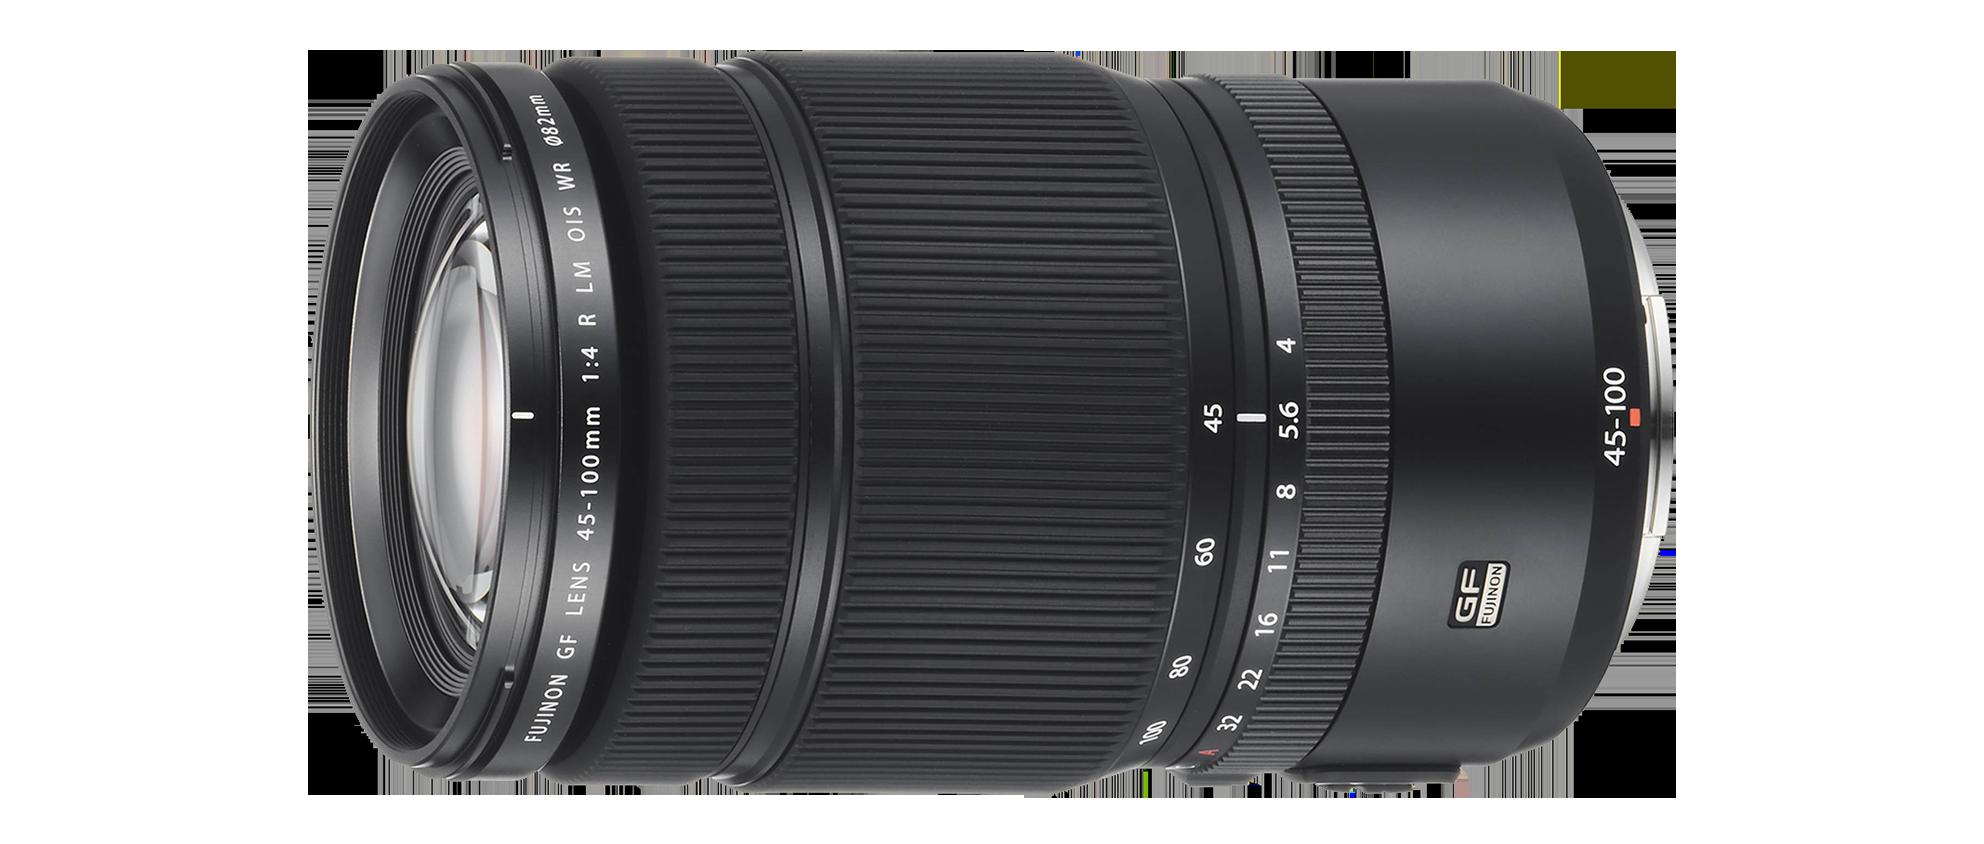 Fuji 45-100mm lens hire